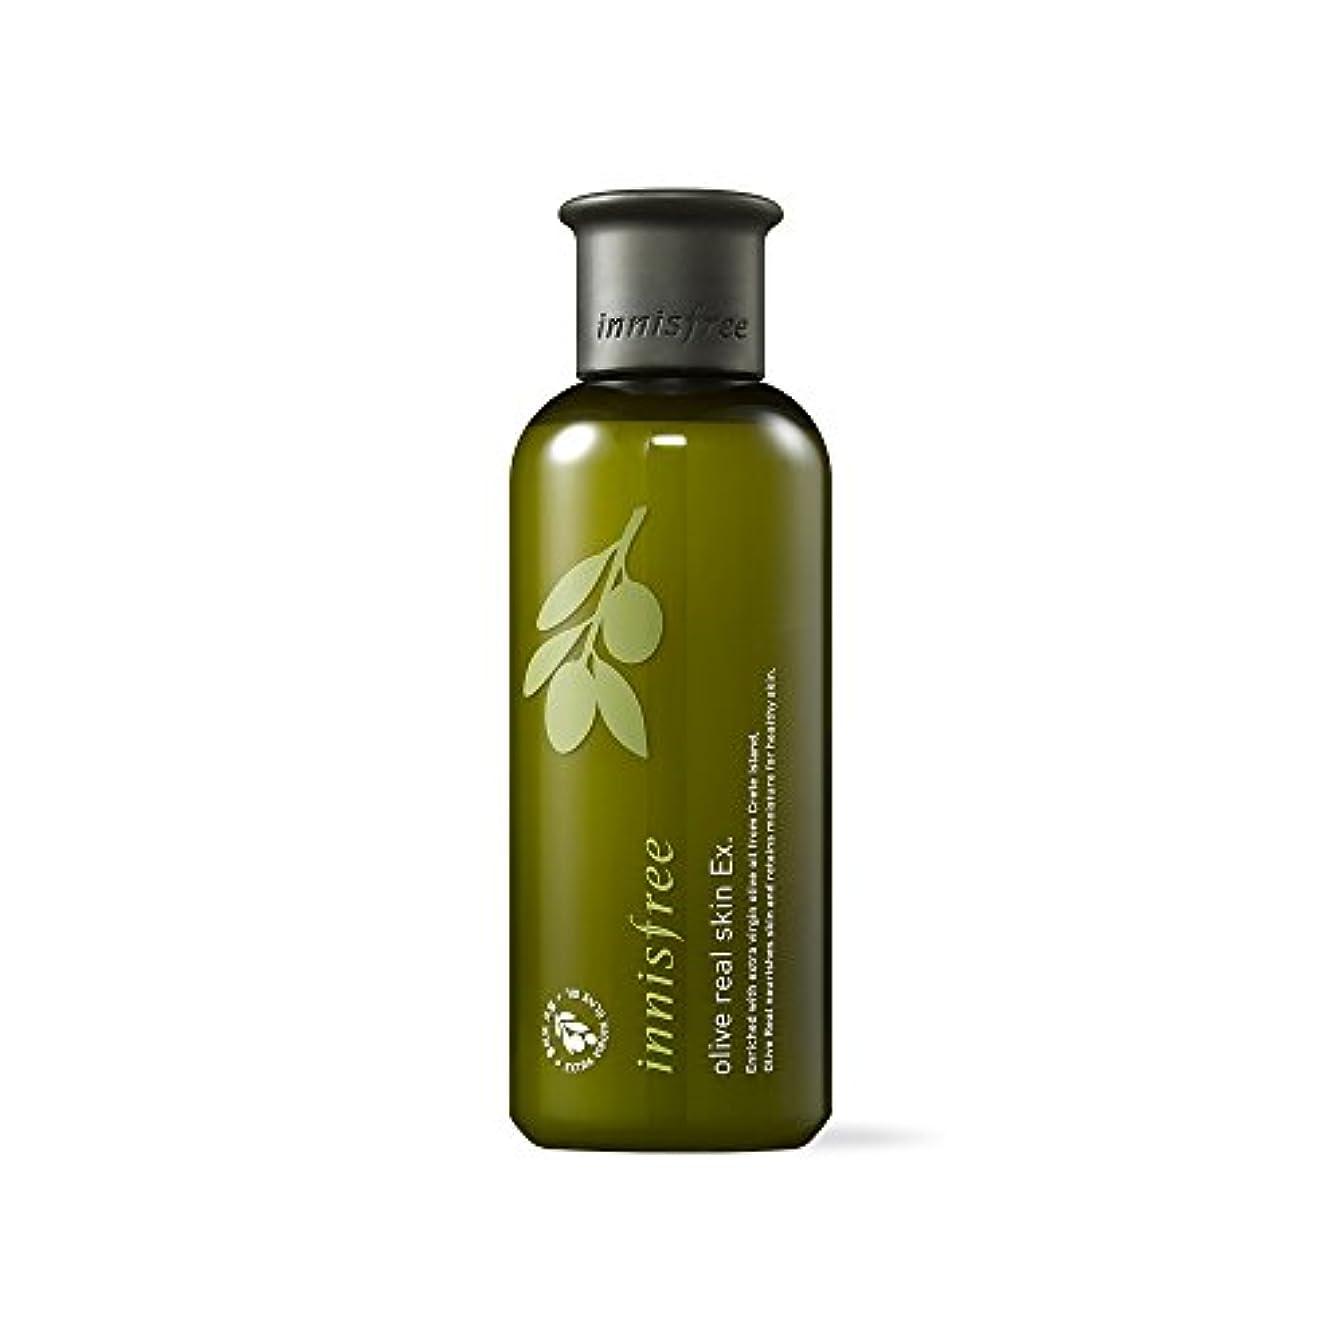 ダンス圧縮されたエステートイニスフリー日本公式(innisfree)オリーブリアル スキン[化粧水]200ml